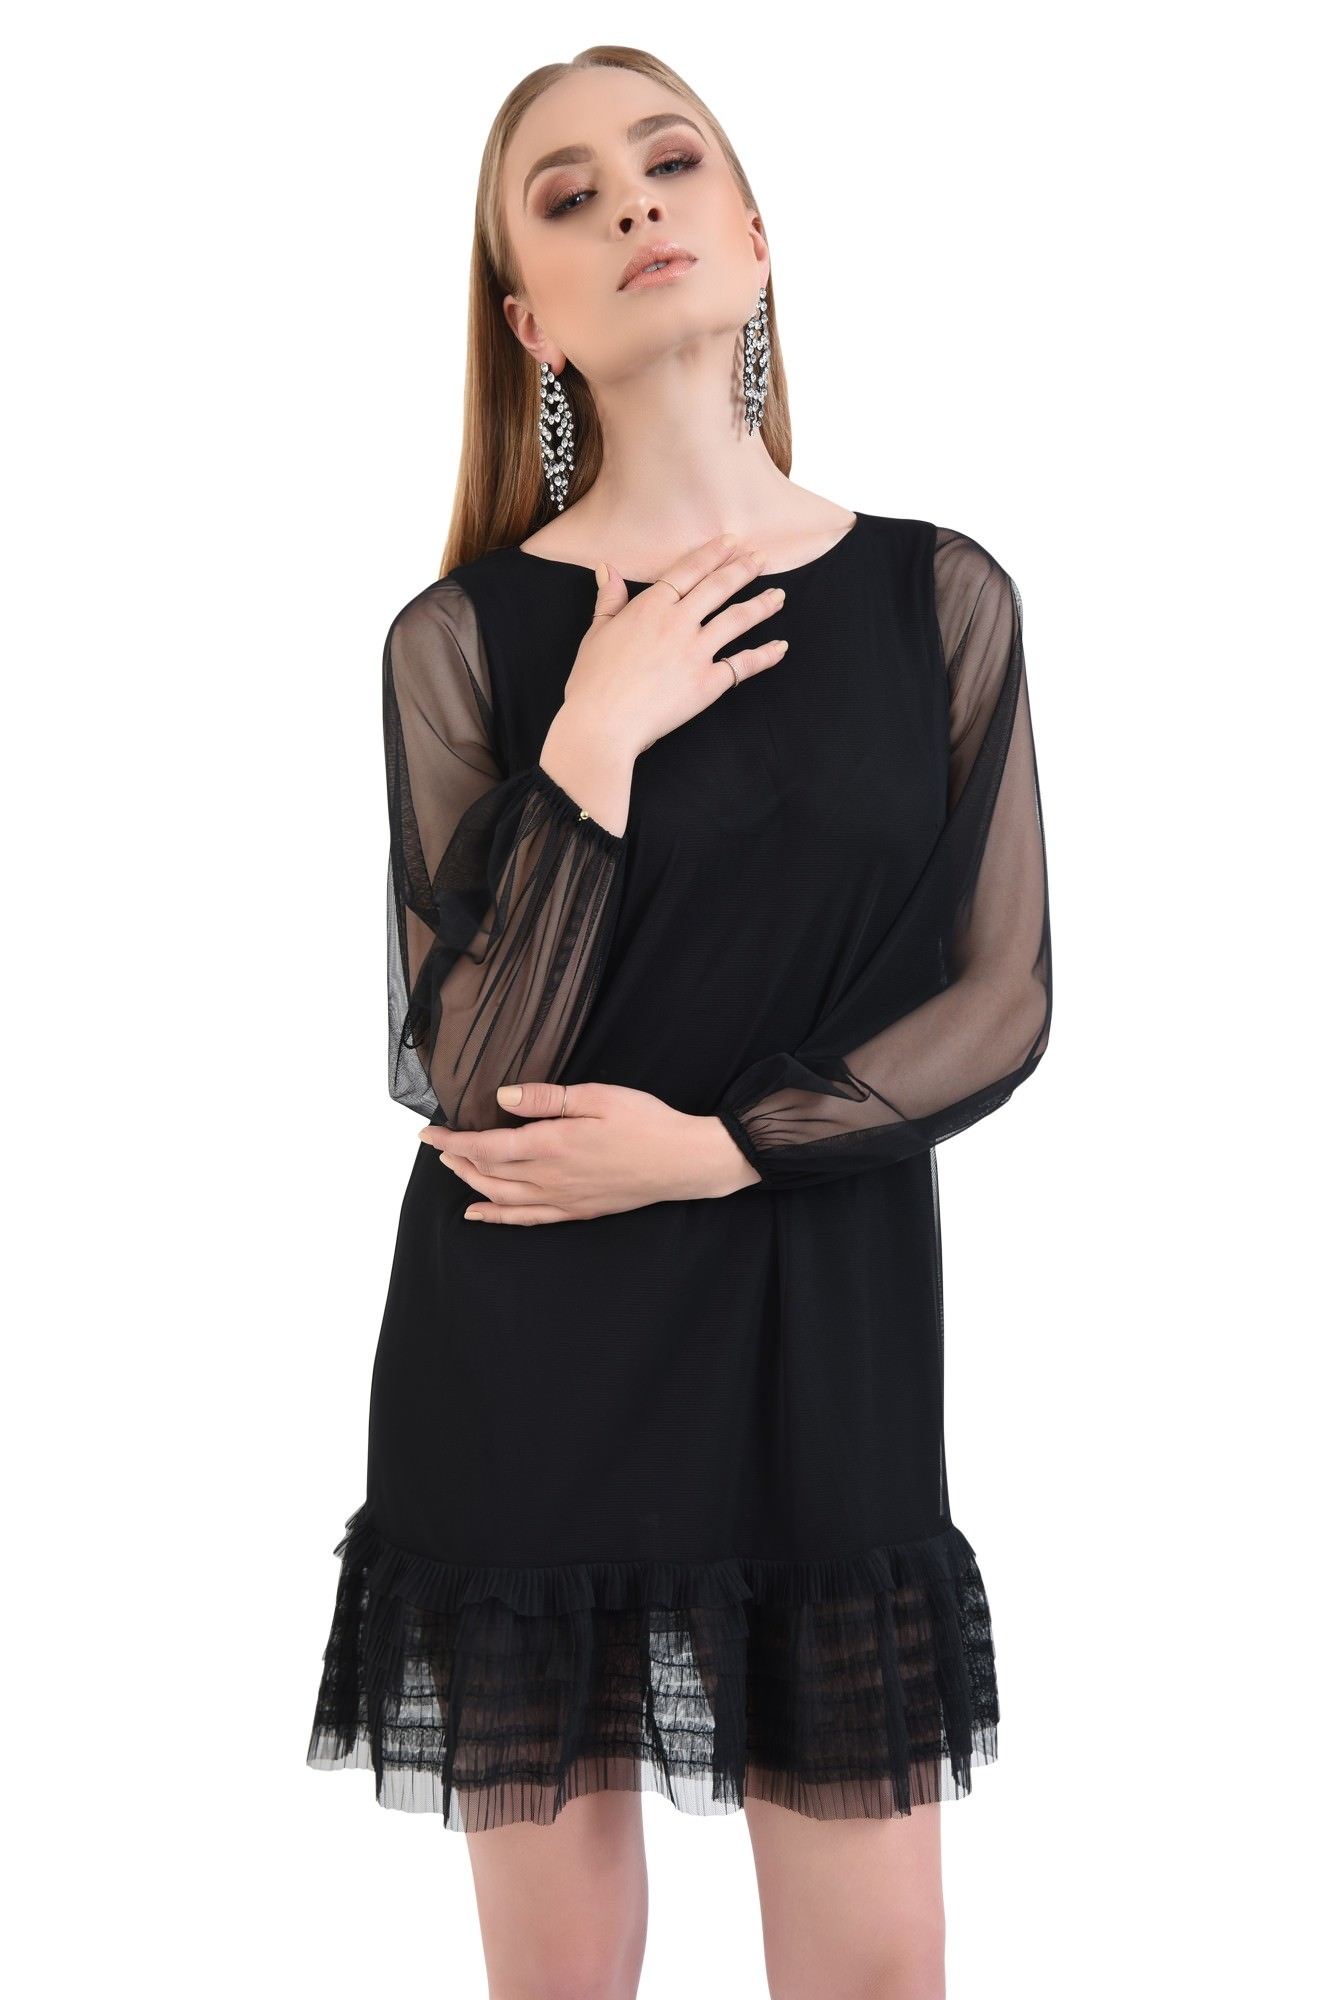 0 - Rochie de seara, tulle negru